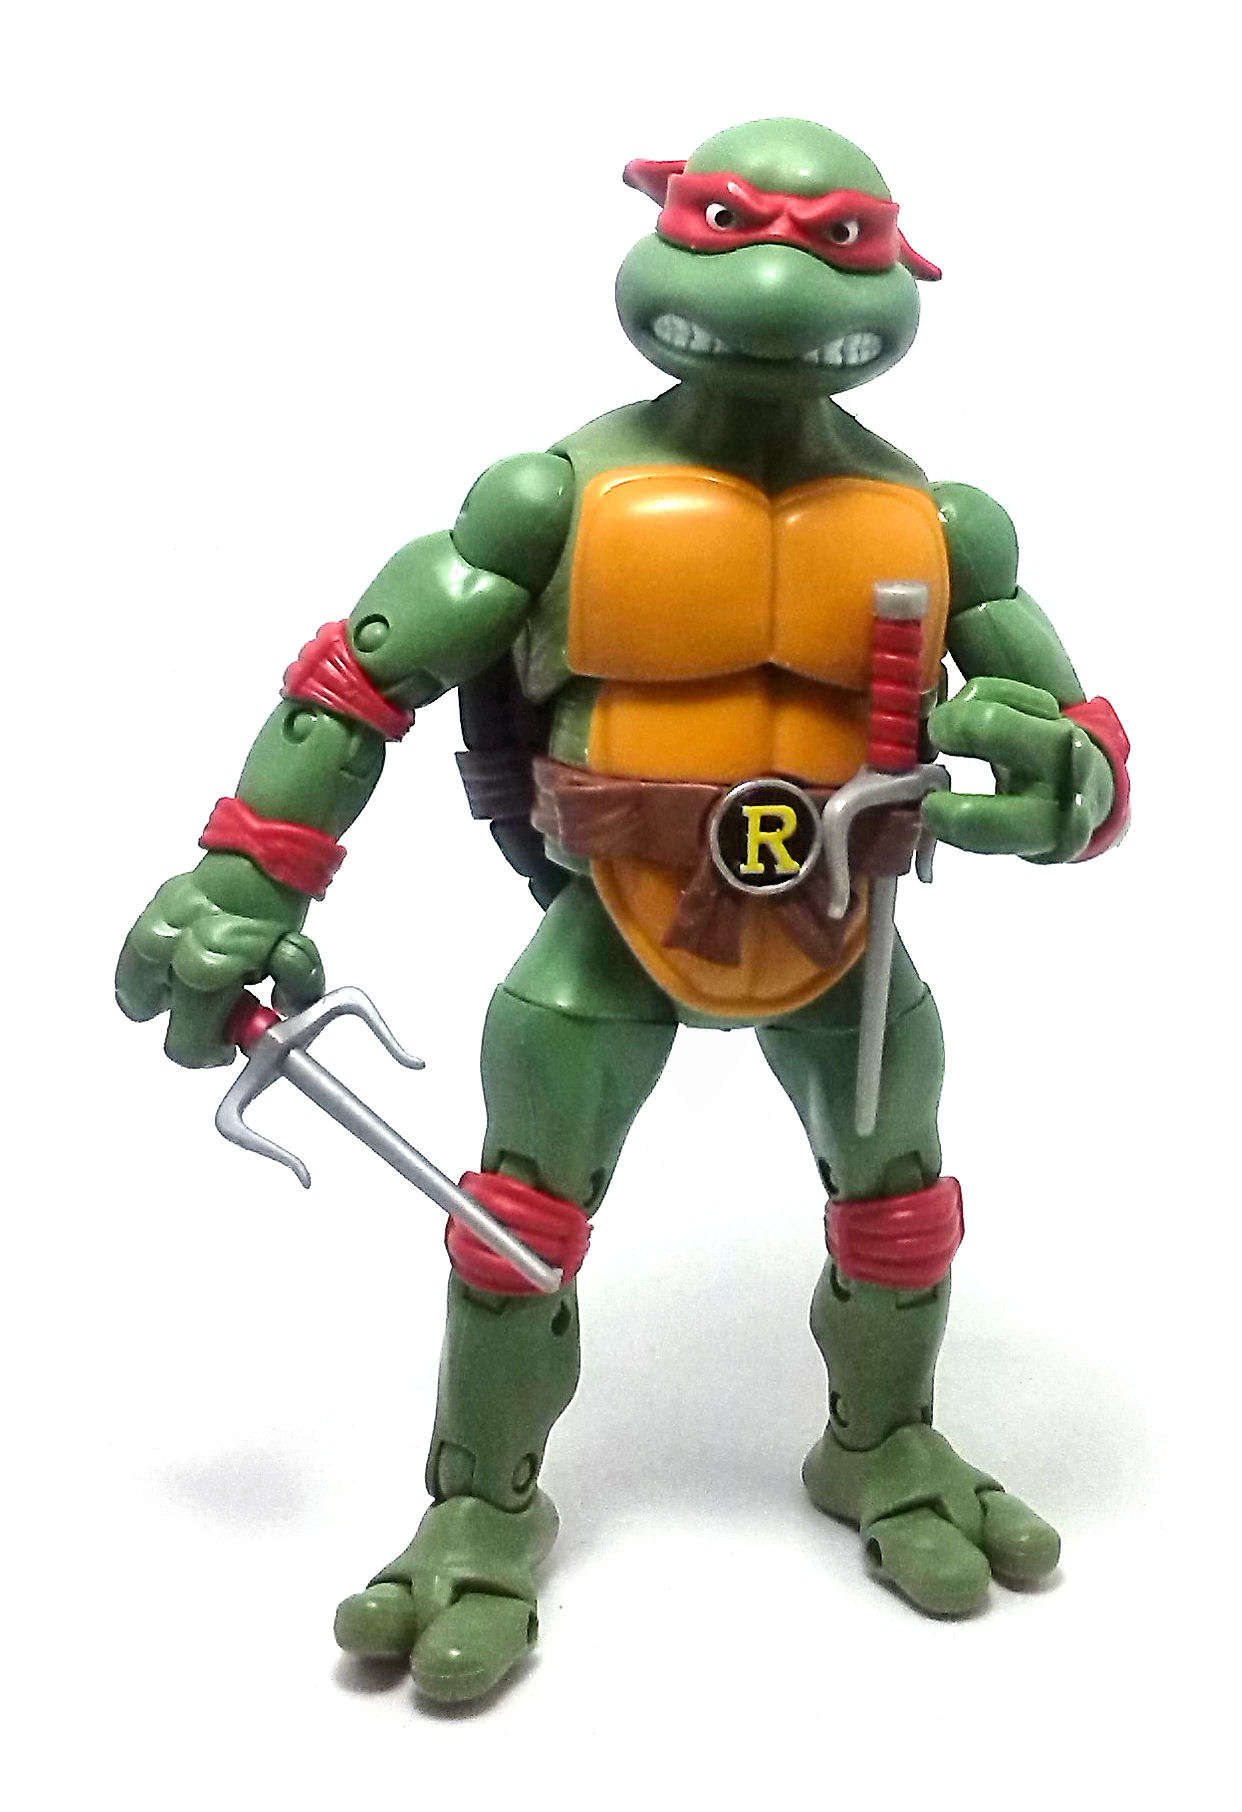 Raphael Ninja Turtle 2014 Toy